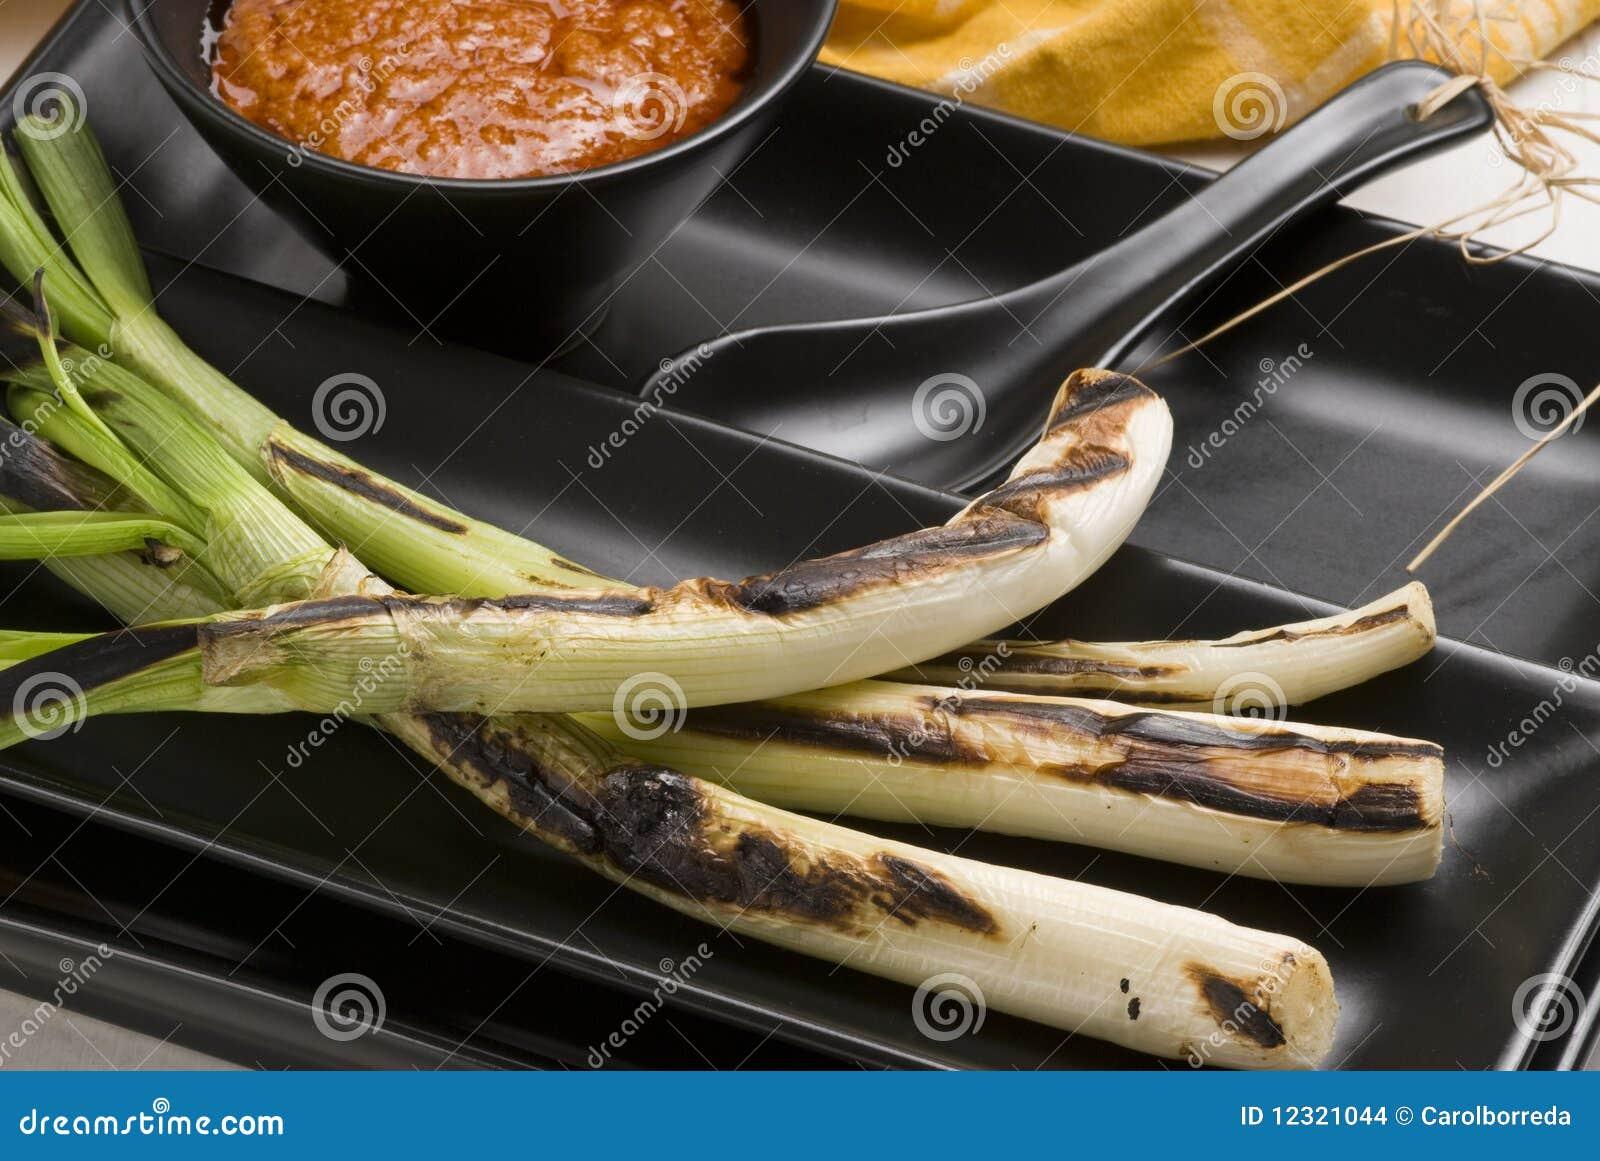 Gegrillte Frühlingszwiebeln. Spanische Küche Stockfoto - Bild von ...